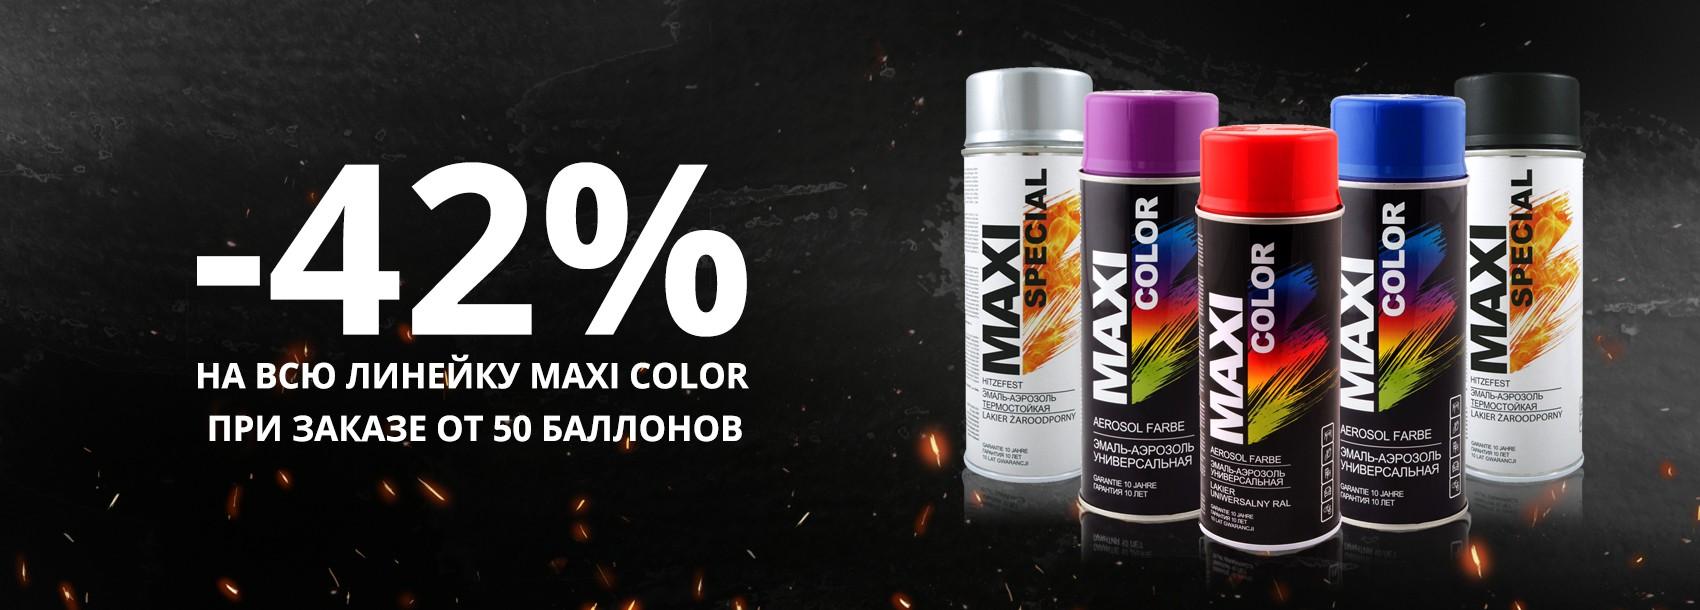 Скидка 42% весь ассортимент Maxi Color